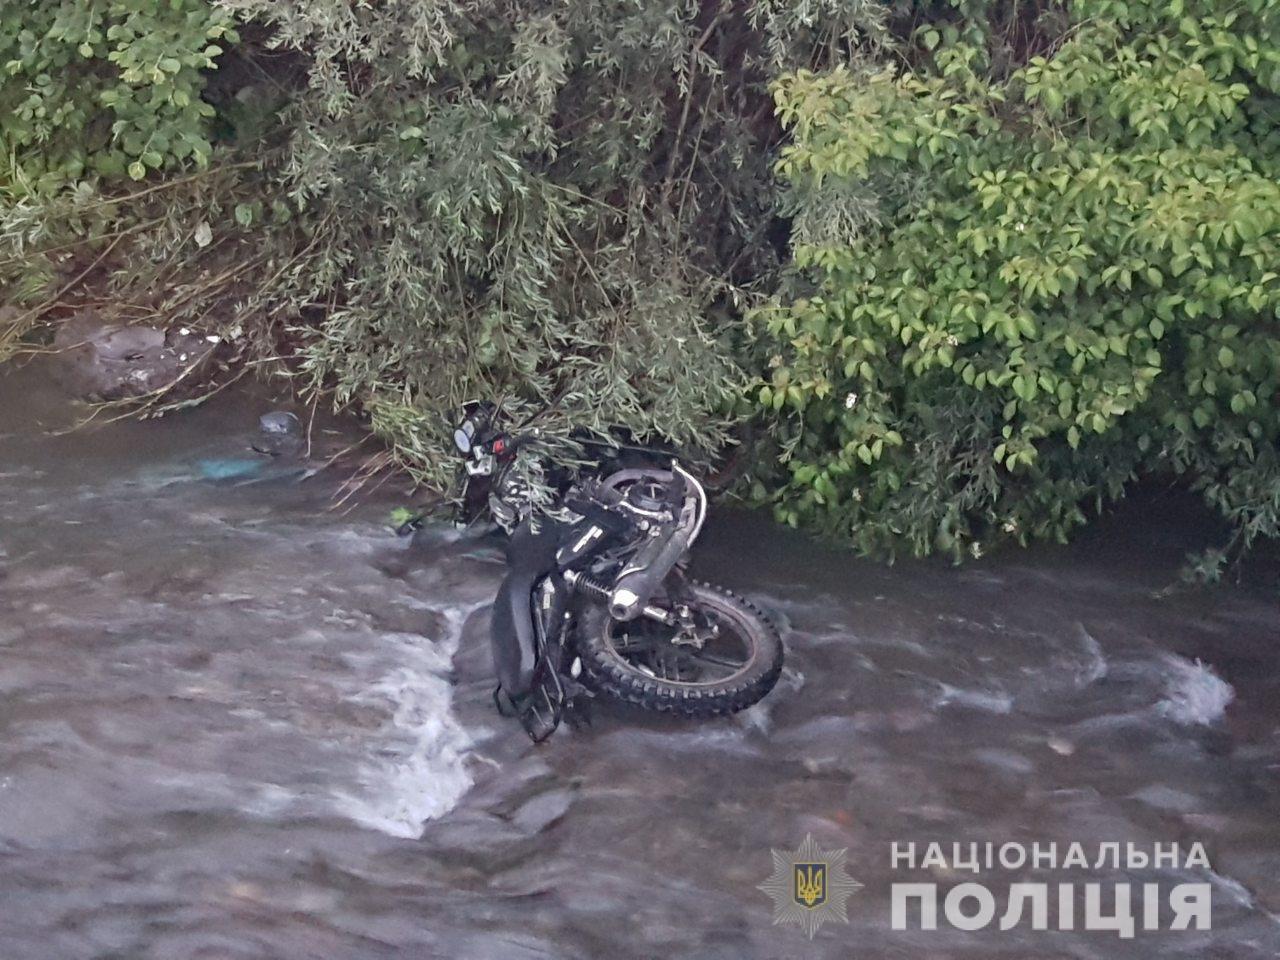 На Закарпатті одна за другою стались дві ДТП за участі мотоциклістів - одна з них смертельна (ФОТО), фото-2